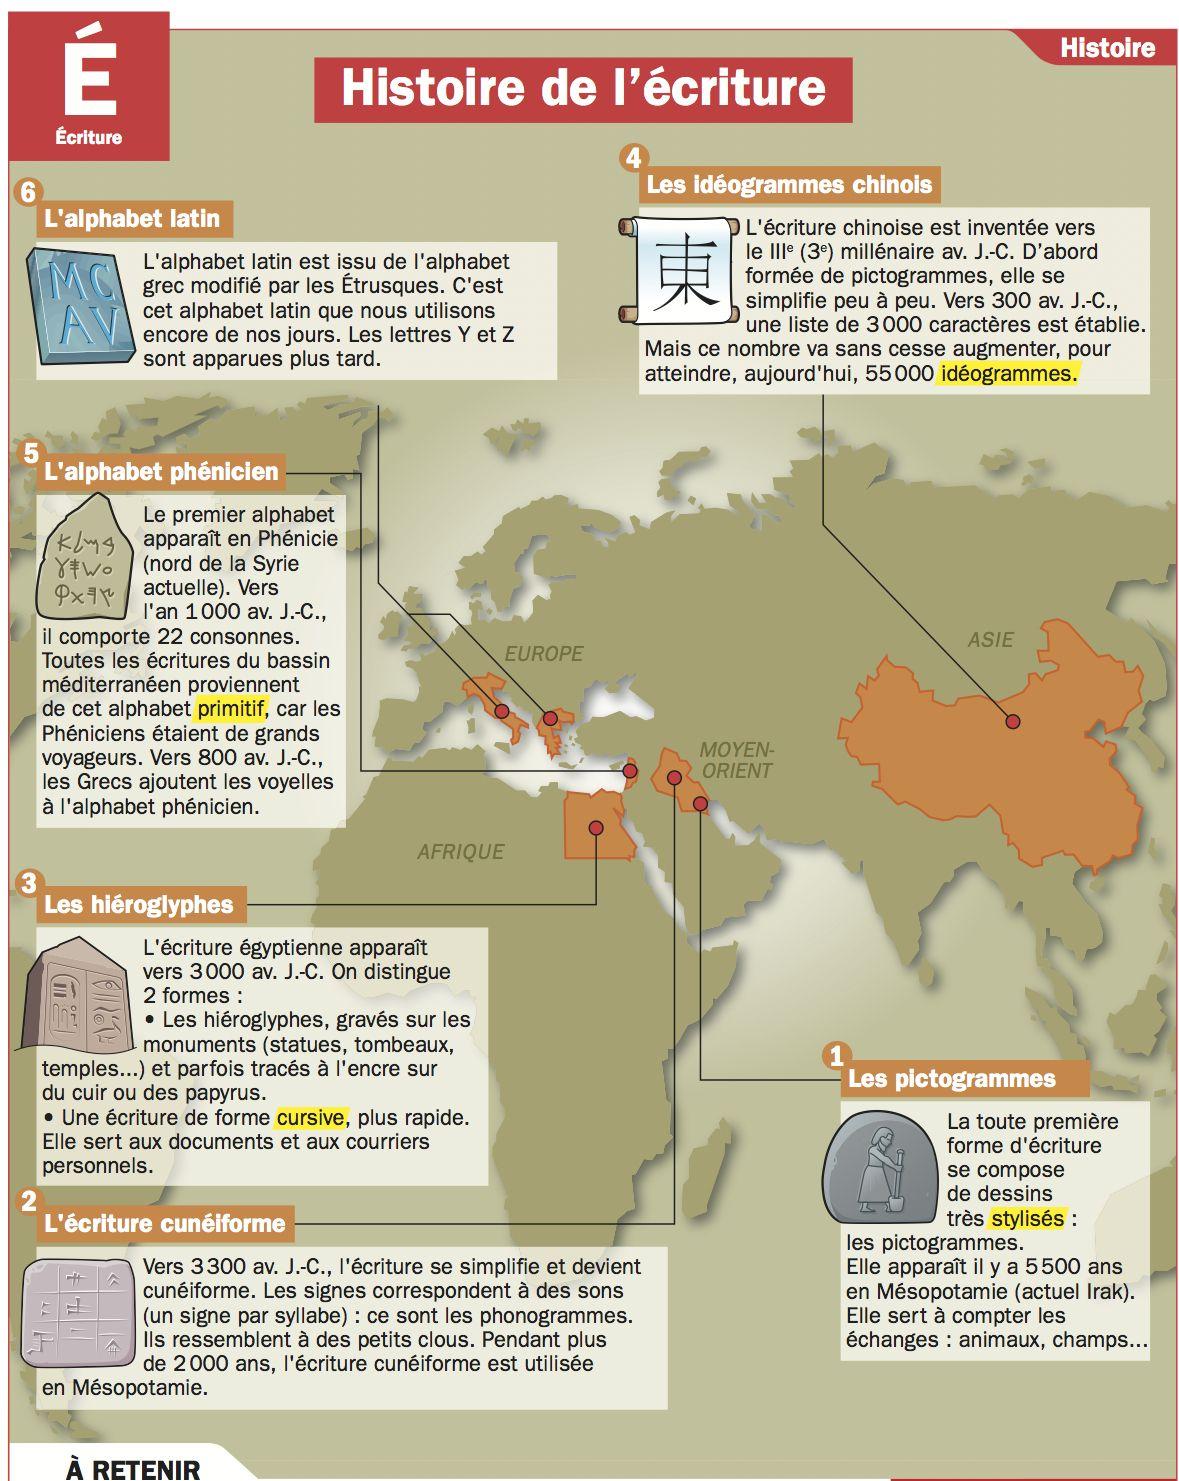 Playbac Presse Digital Enseignement De L Histoire Cours Histoire Histoire De L Ecriture